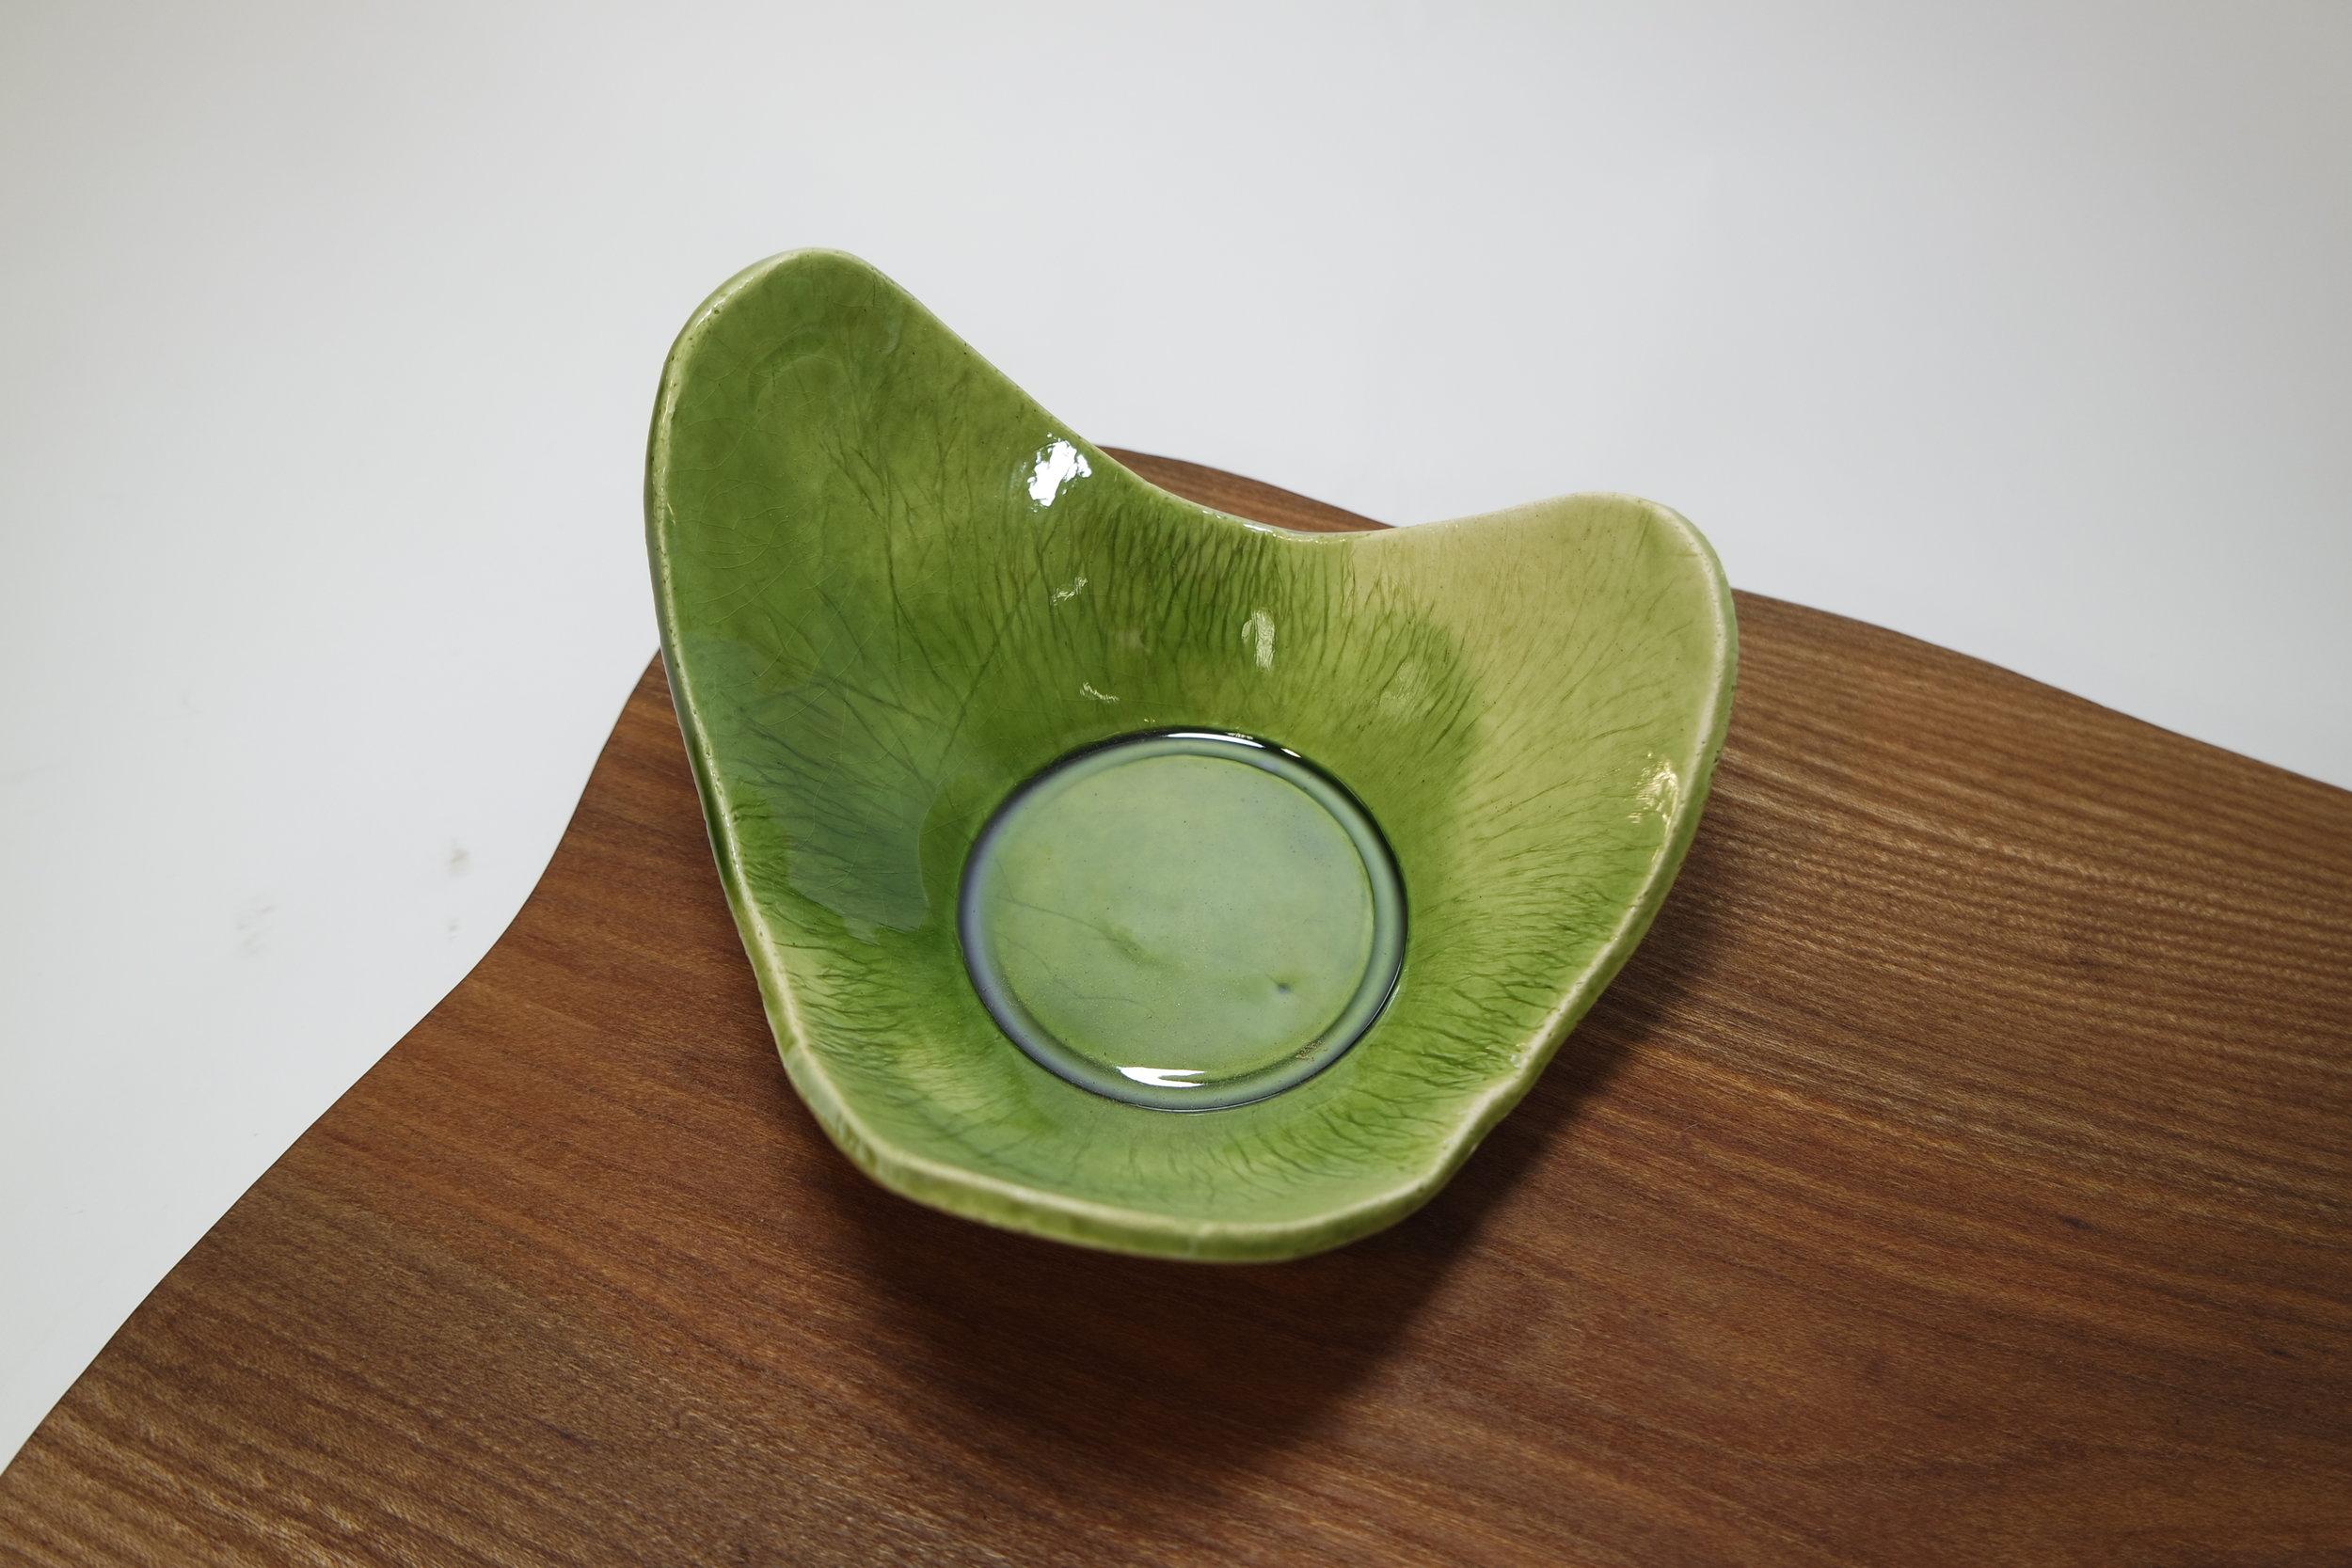 Elm Serving Platter with Green Leaf Bowl (9).JPG